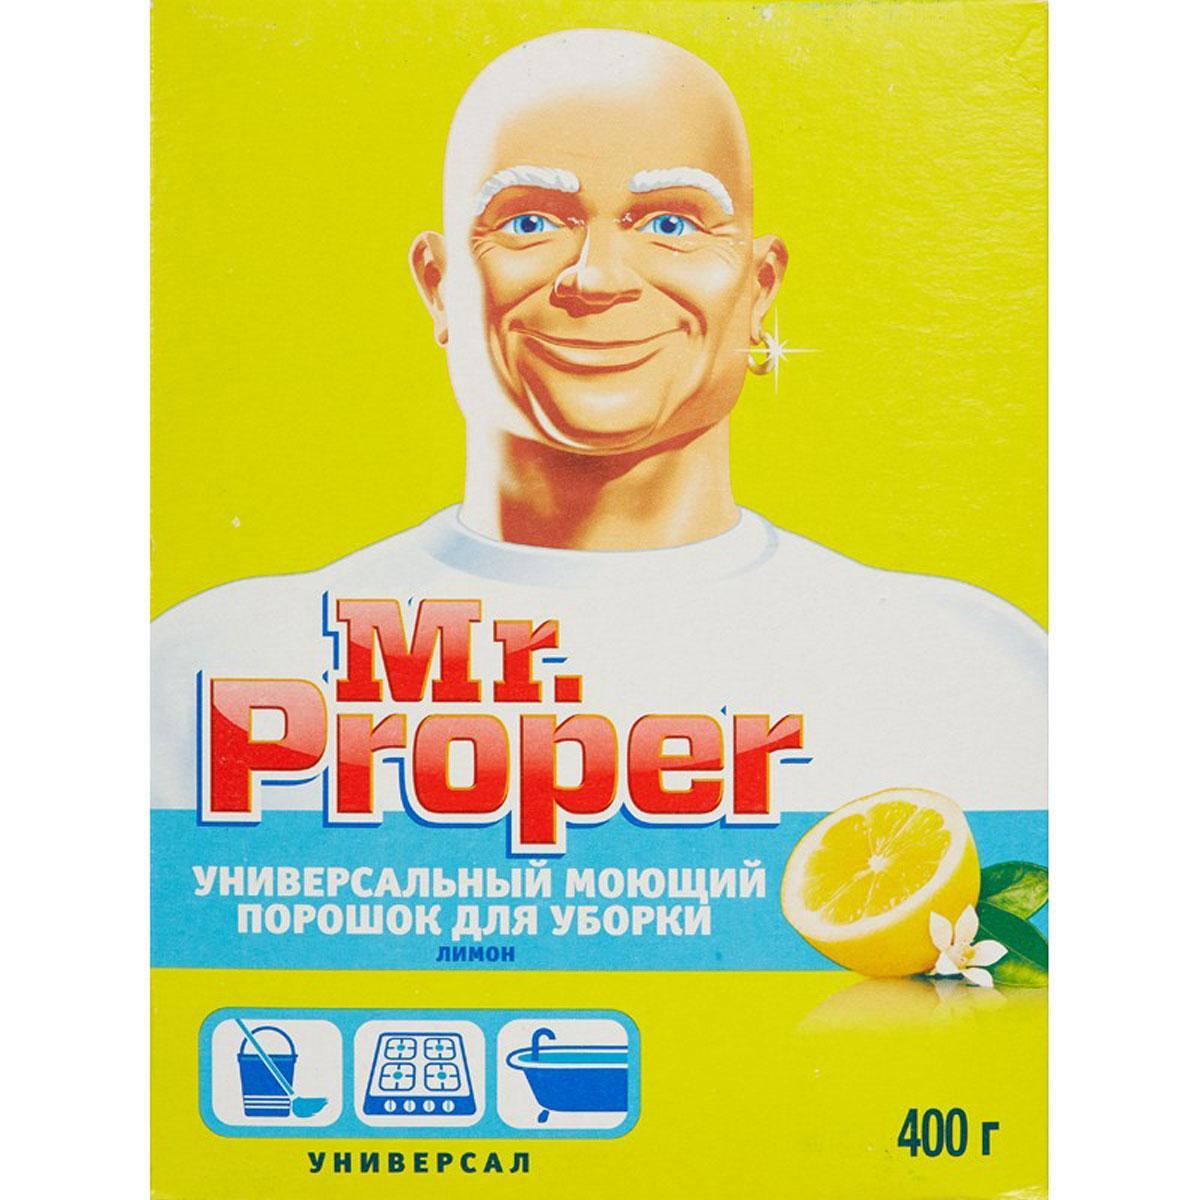 Порошок для уборки Mr. Proper